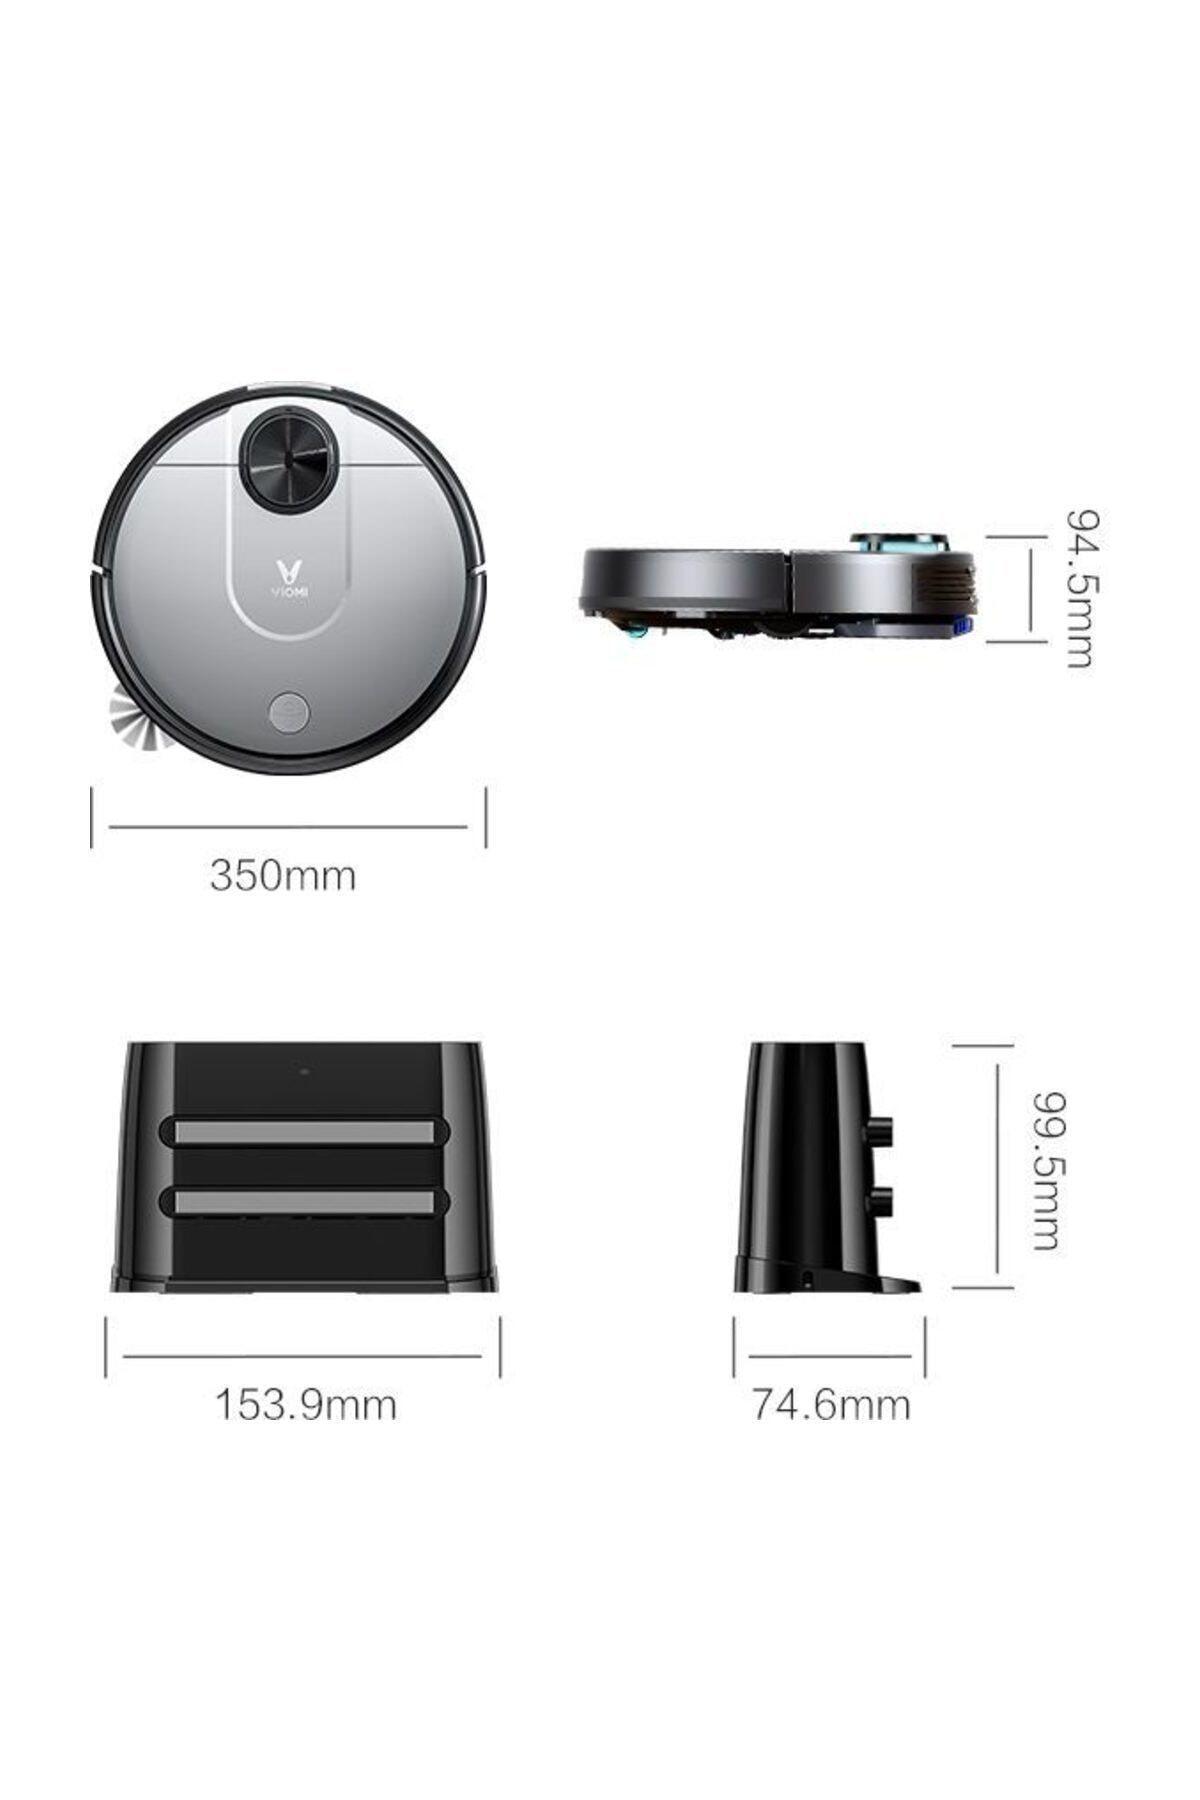 Xiaomi Vıomı V2 Vacuum Cleaner Lazer Sensör Akıllı Robot Süpürge 2